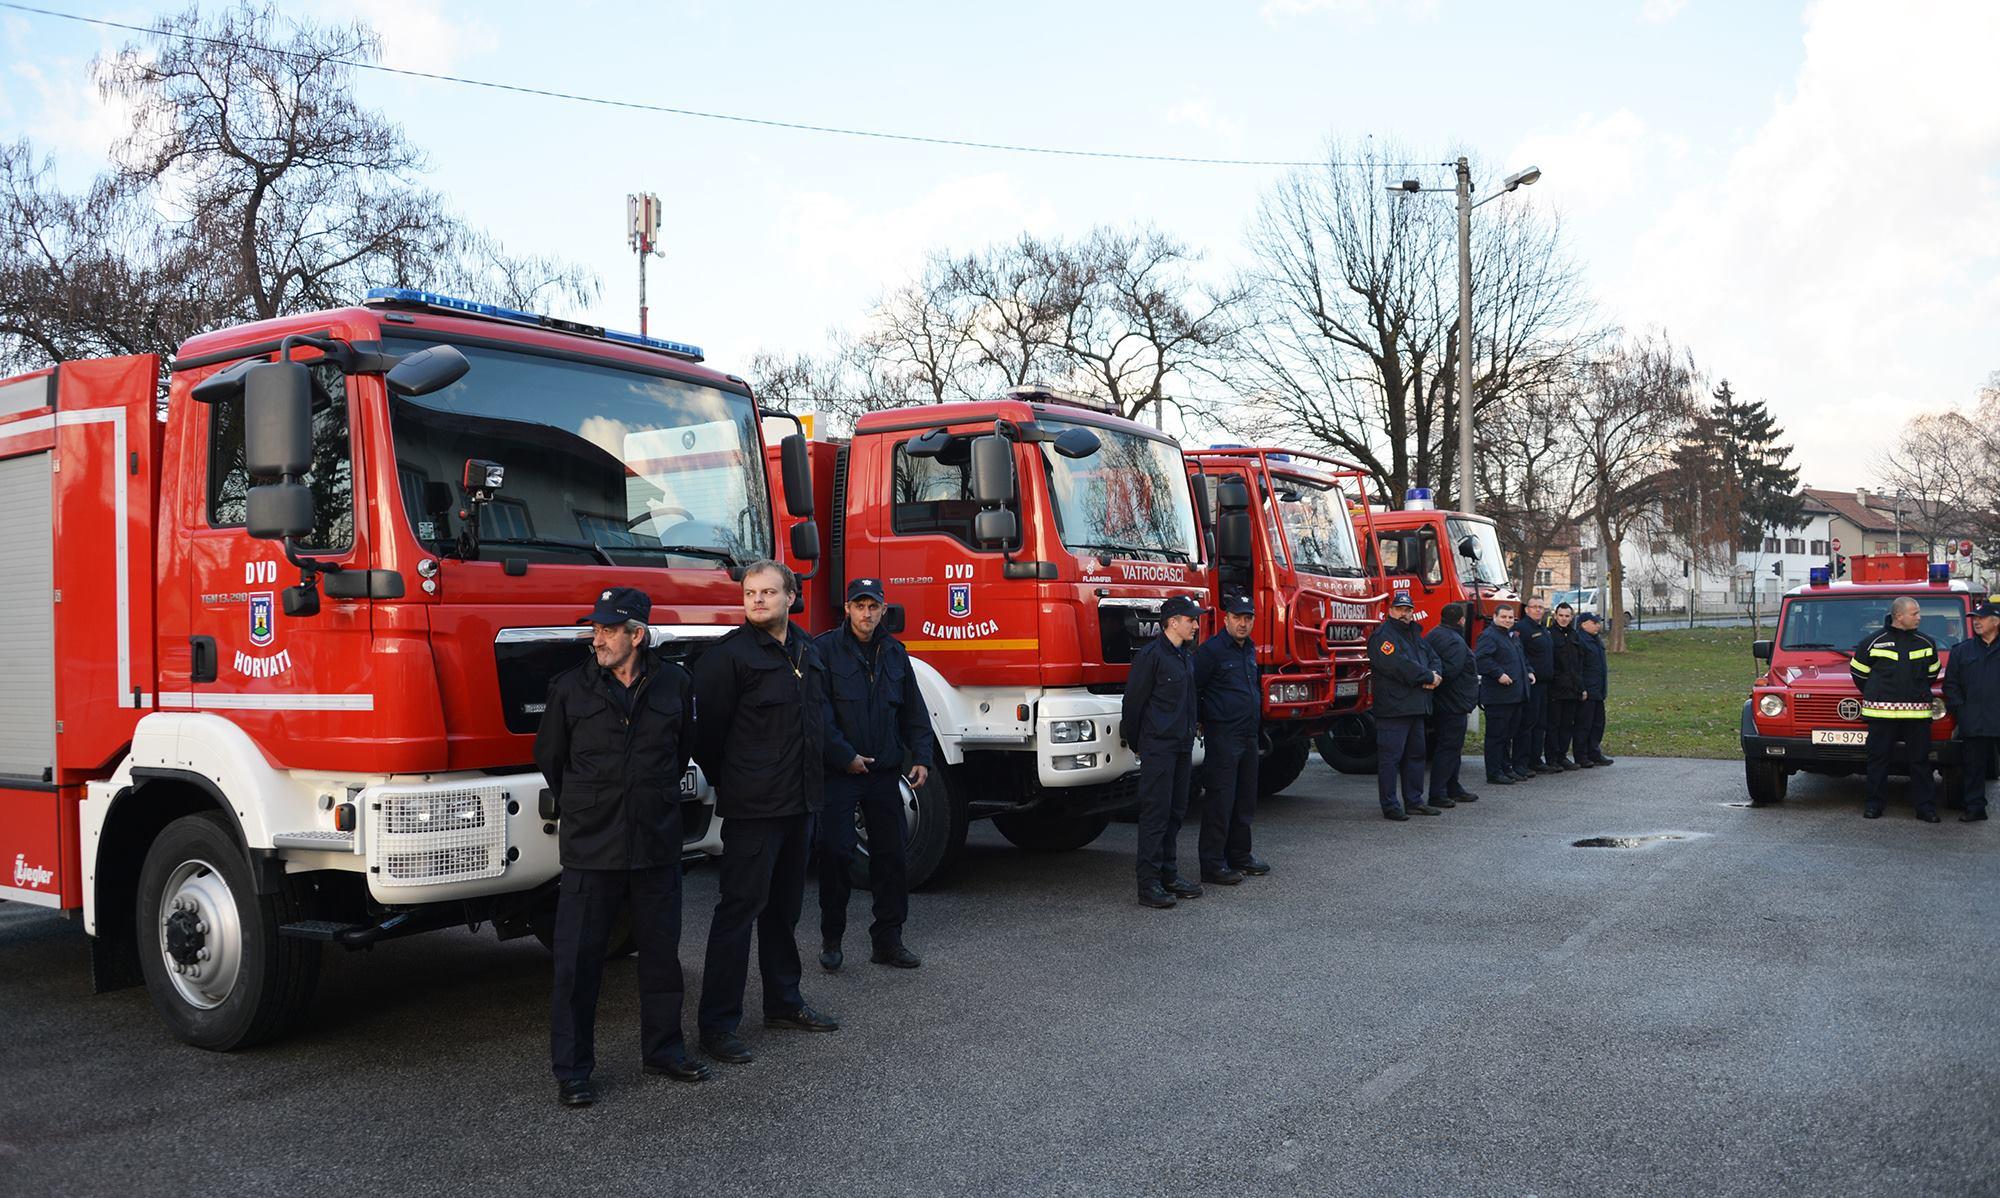 MODERNIZACIJA: 256 milijuna kuna za nova vatrogasna vozila